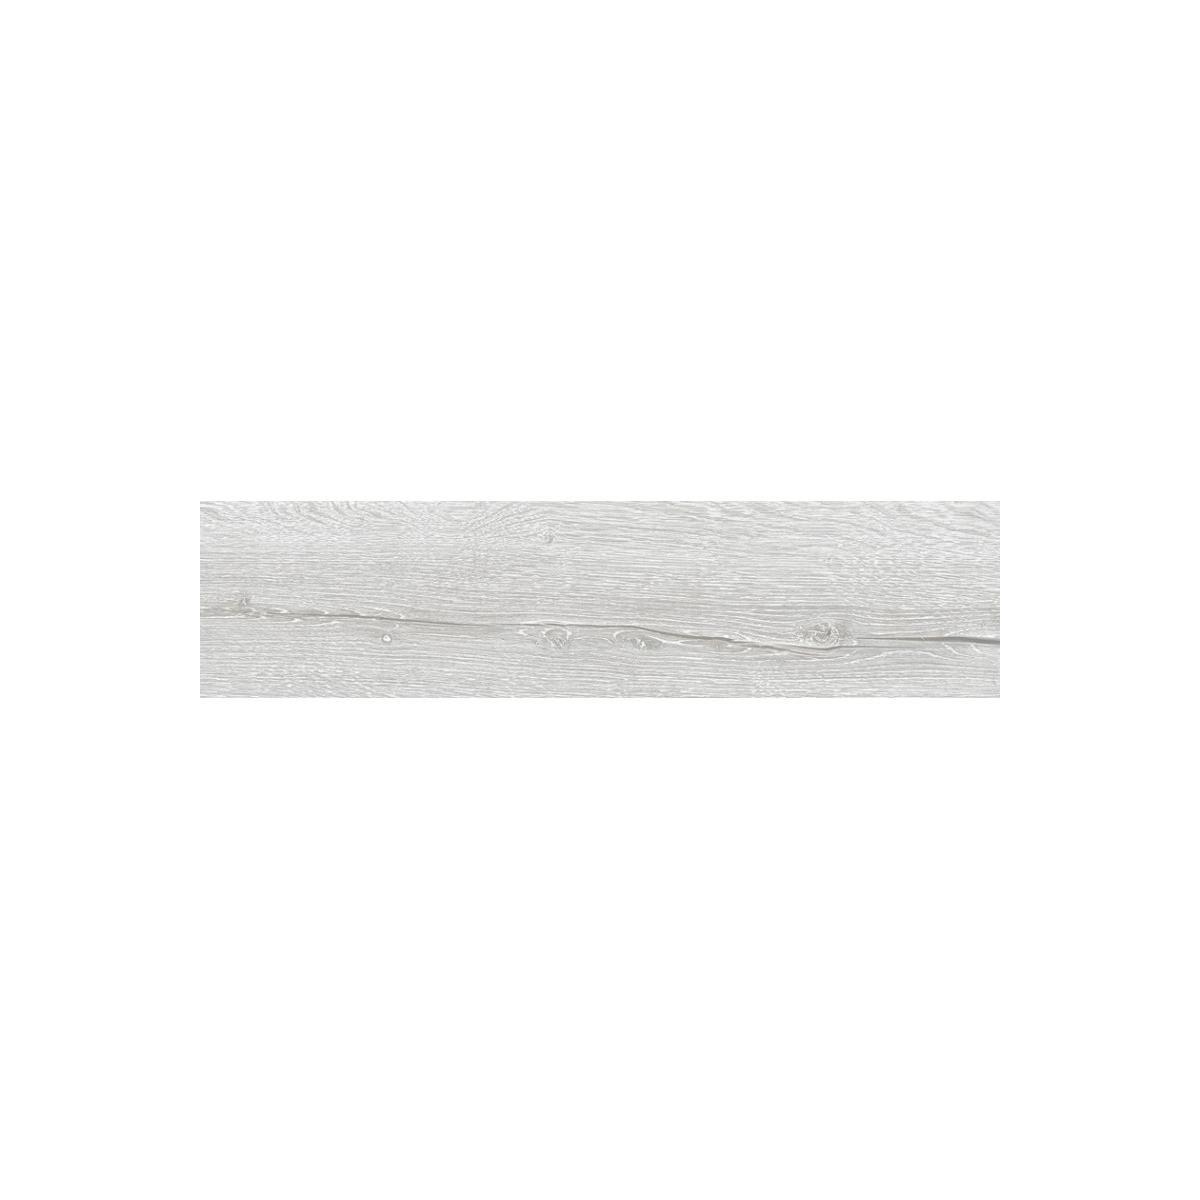 textura borde de piscina Yoho Natural 45x75x3